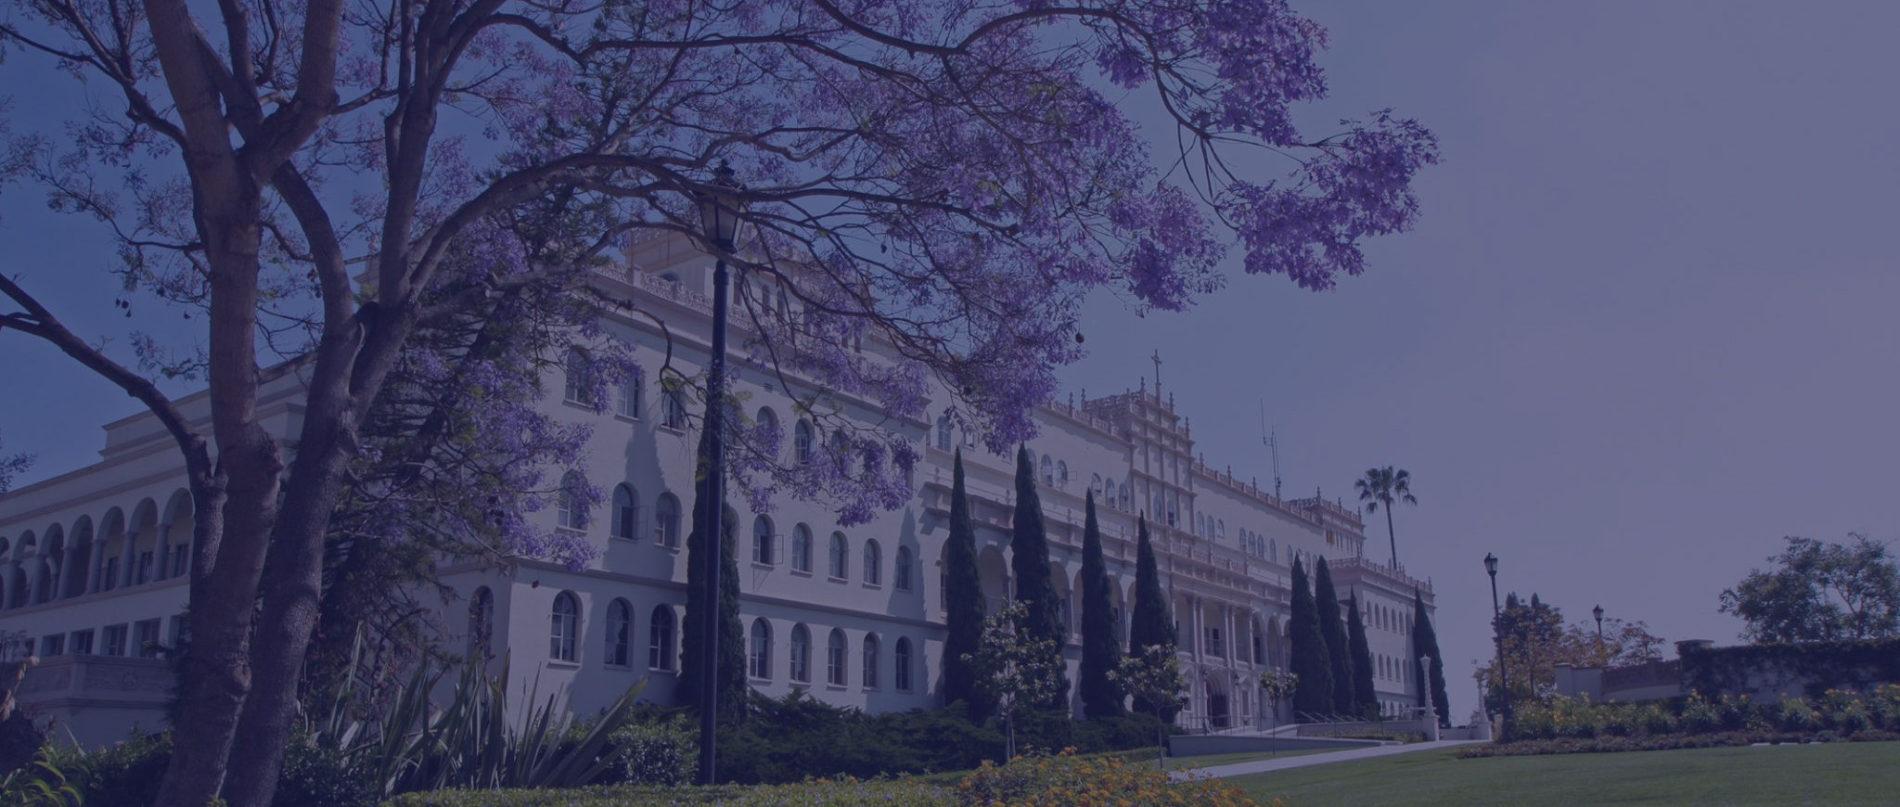 USD reshoring institute